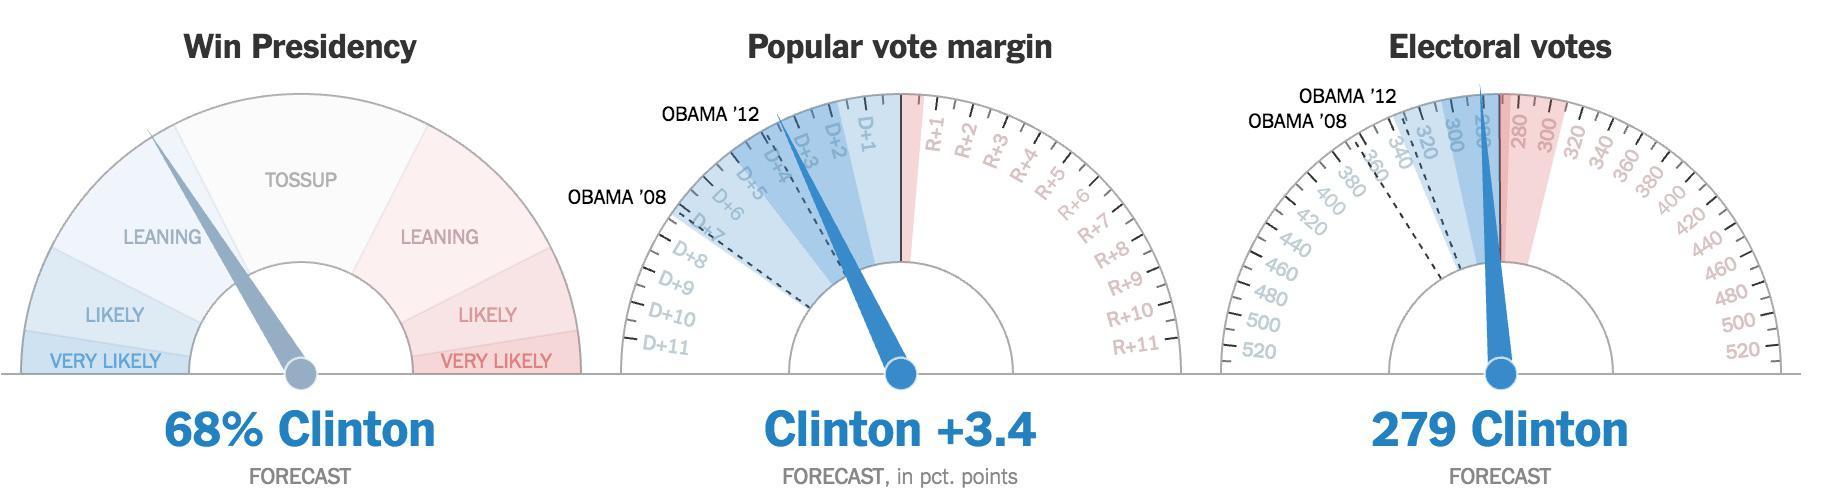 La predicción del NYT sigue siendo muy preocupante para Clinton. Vuelve a caer al 68%. Clinton empeoraría los datos de Obama.